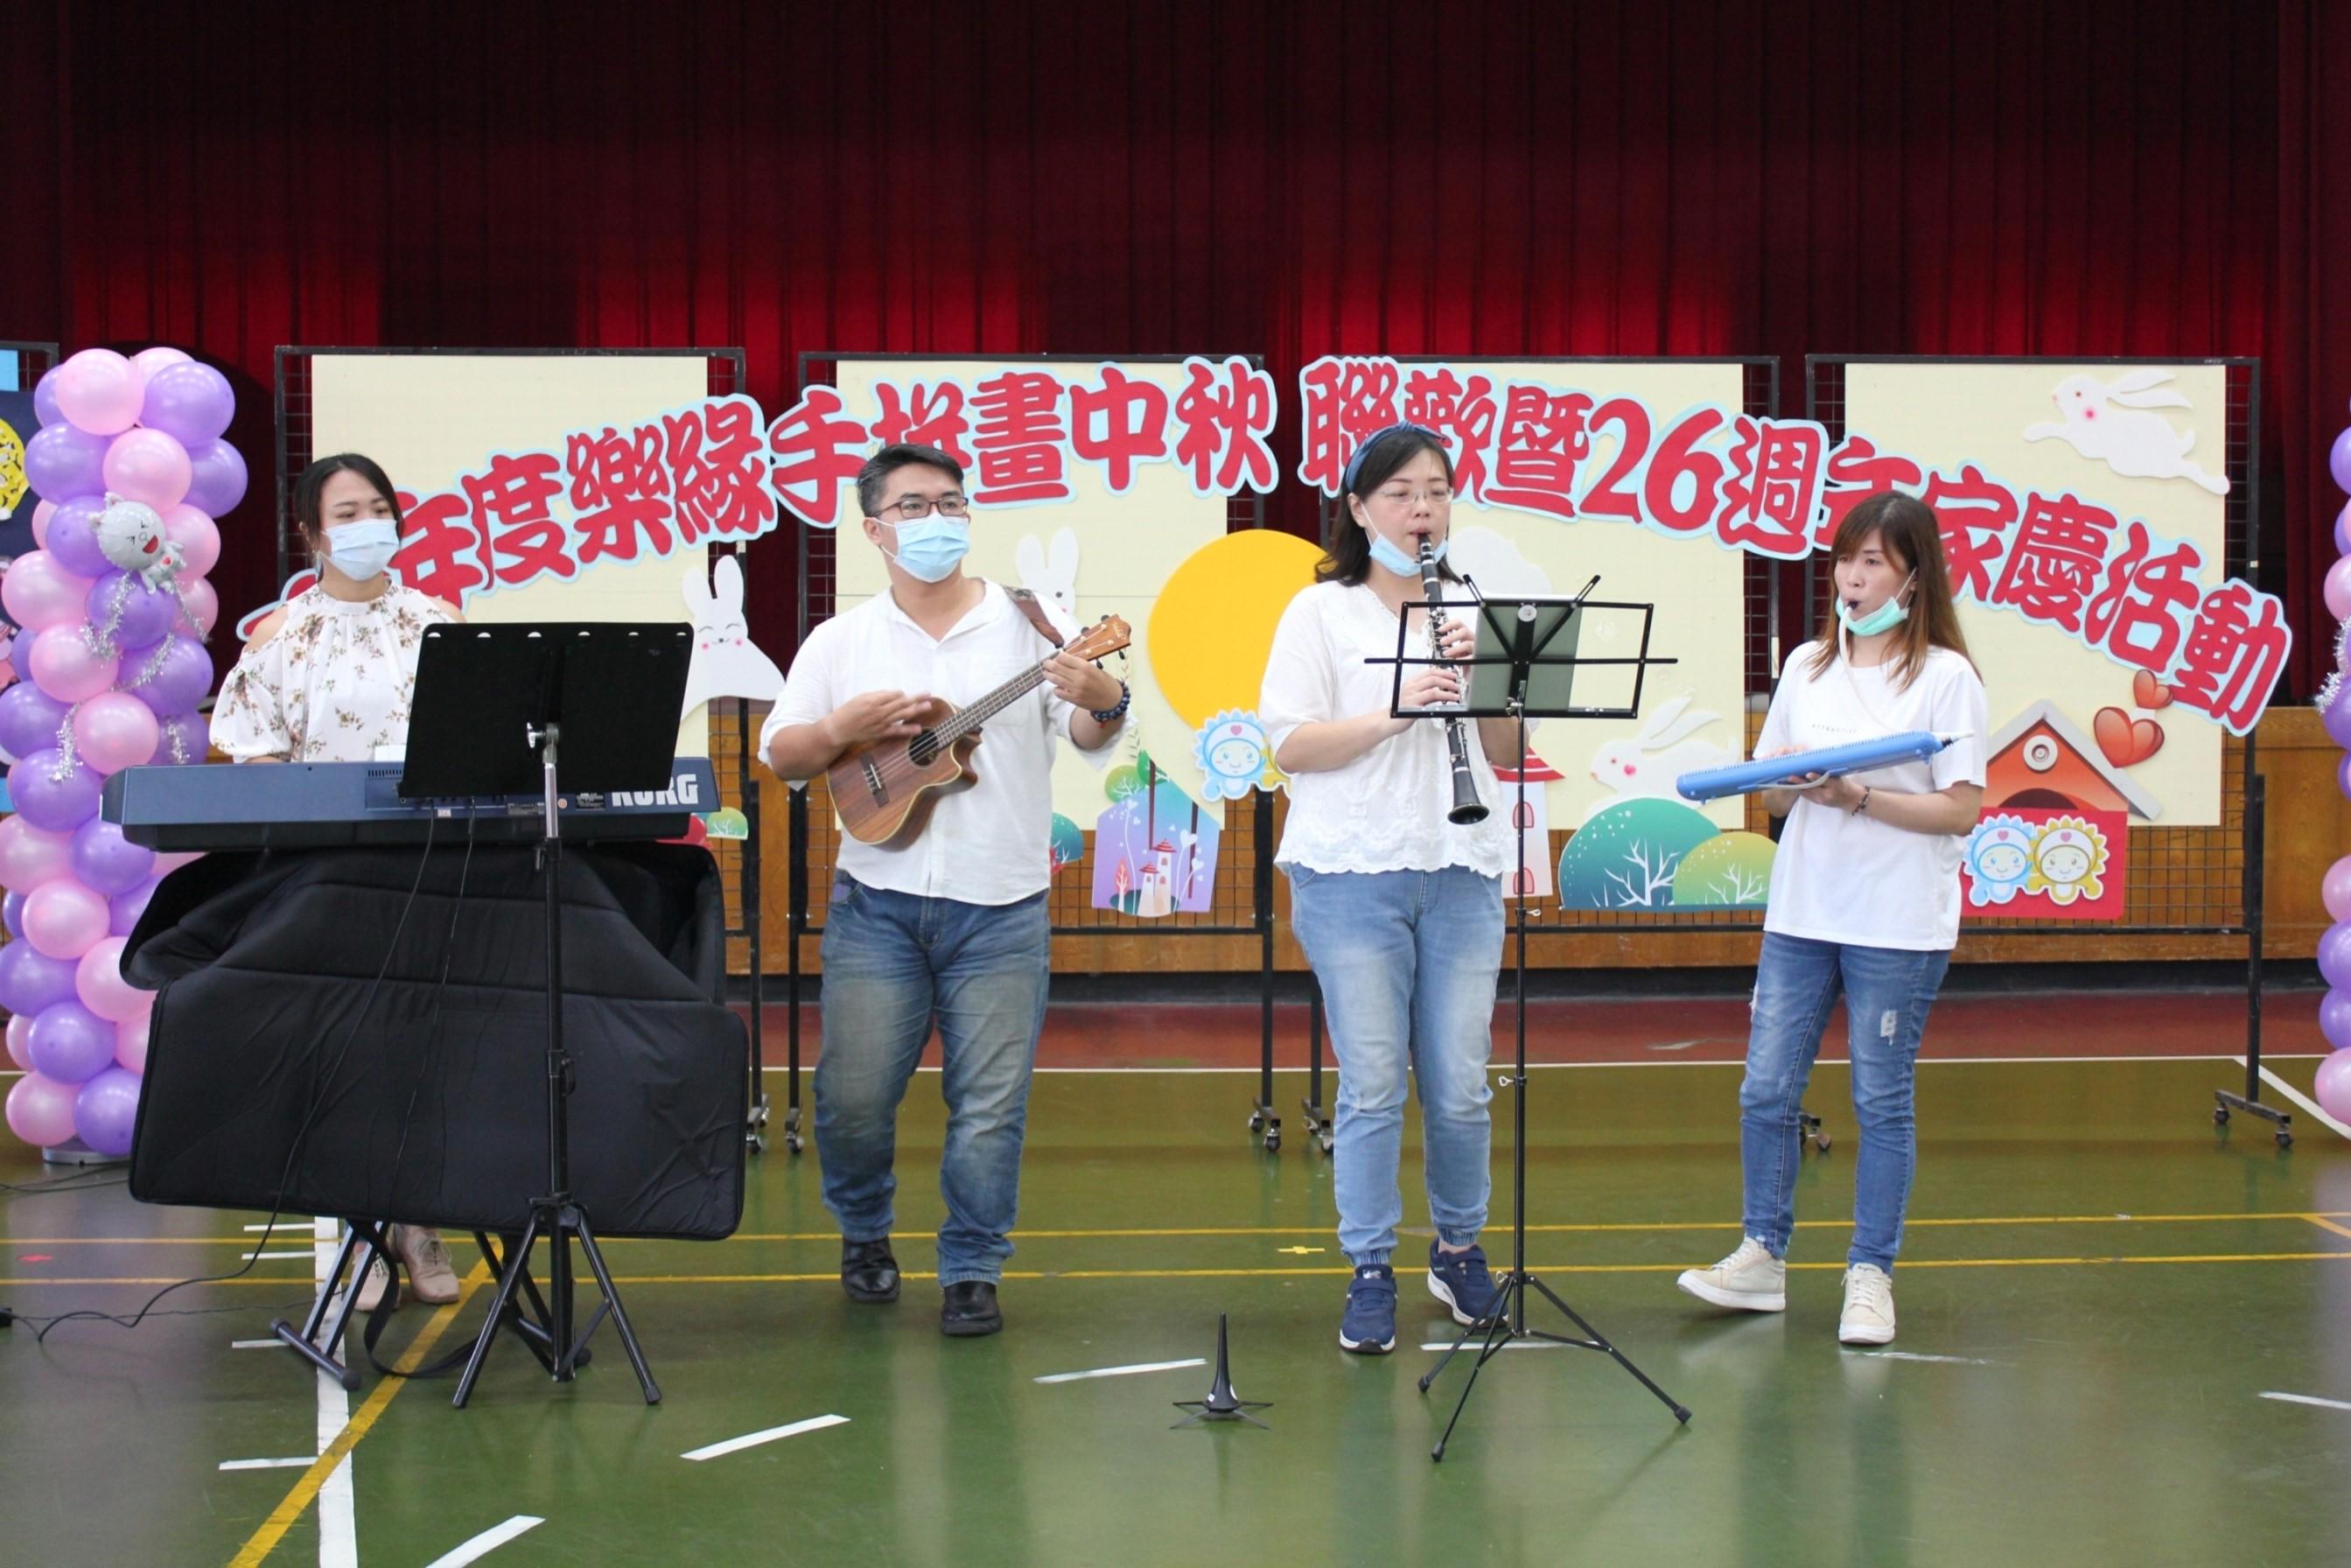 無障礙之家提供-小豆芽室內樂團表演多首以月亮為主題的歌曲